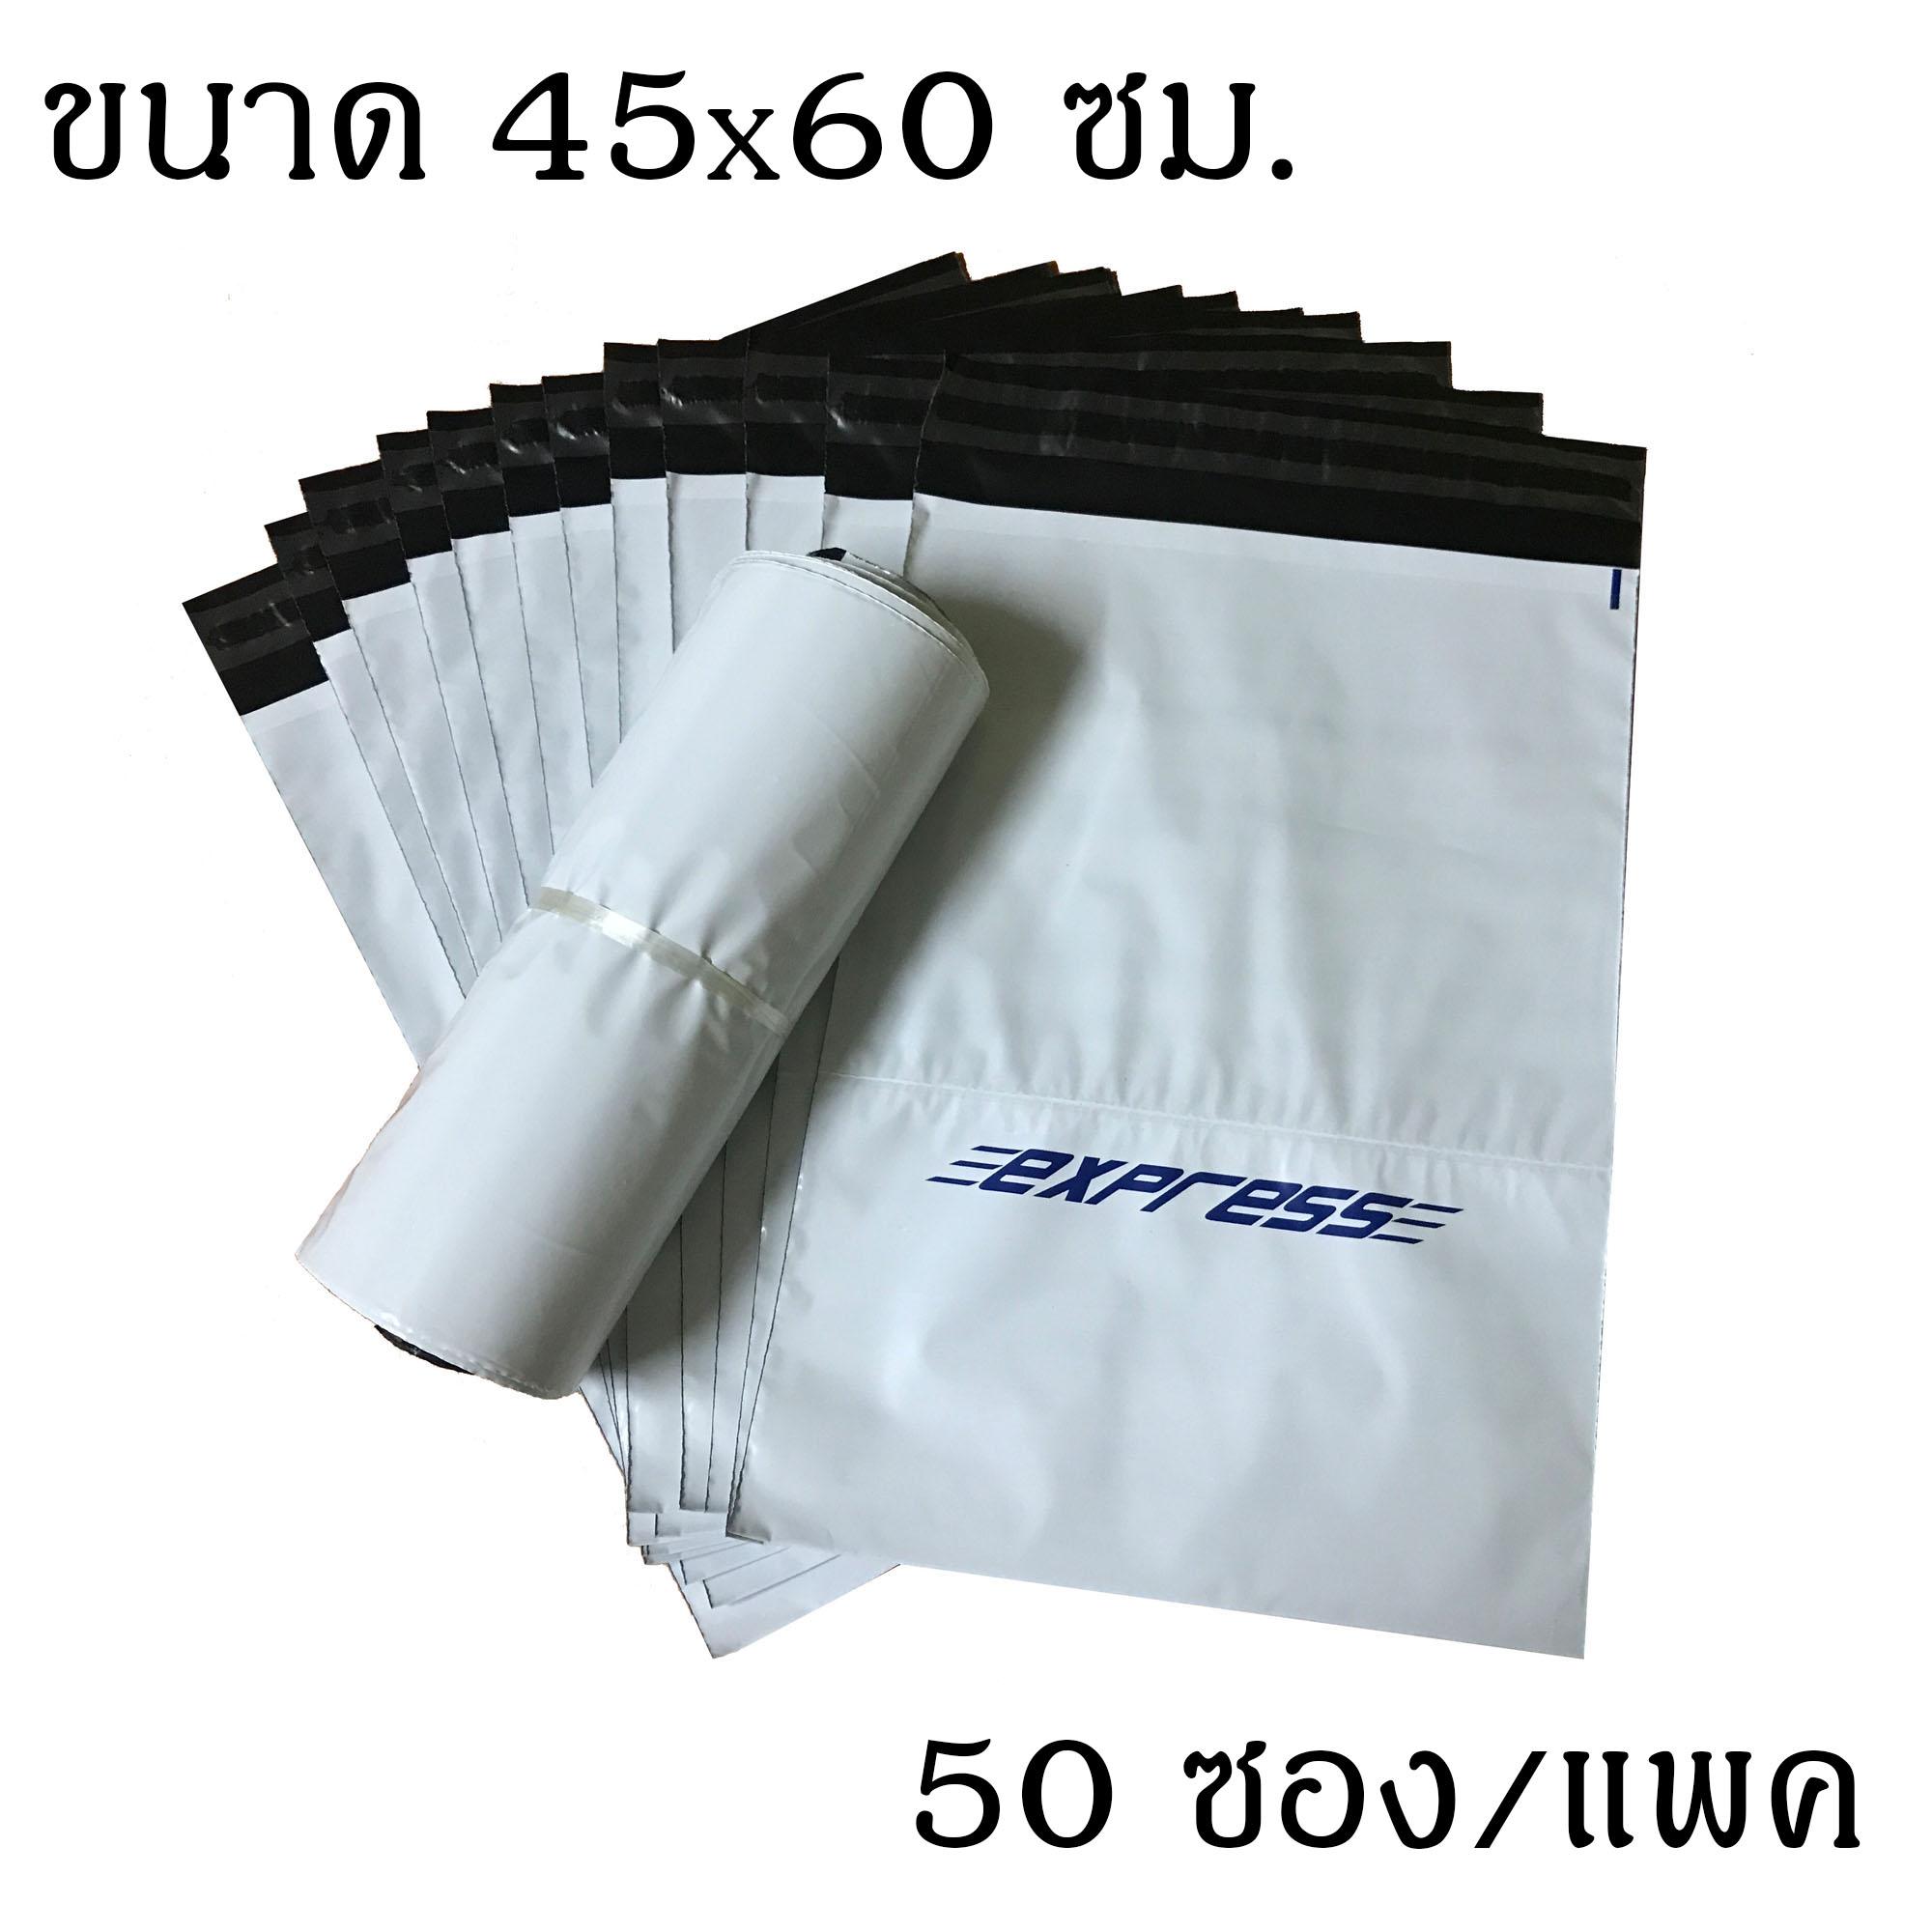 ซองไปรษณีย์พลาสติกพร้อมซองใส ขนาด 45x60 ซม. 50ซอง/แพค